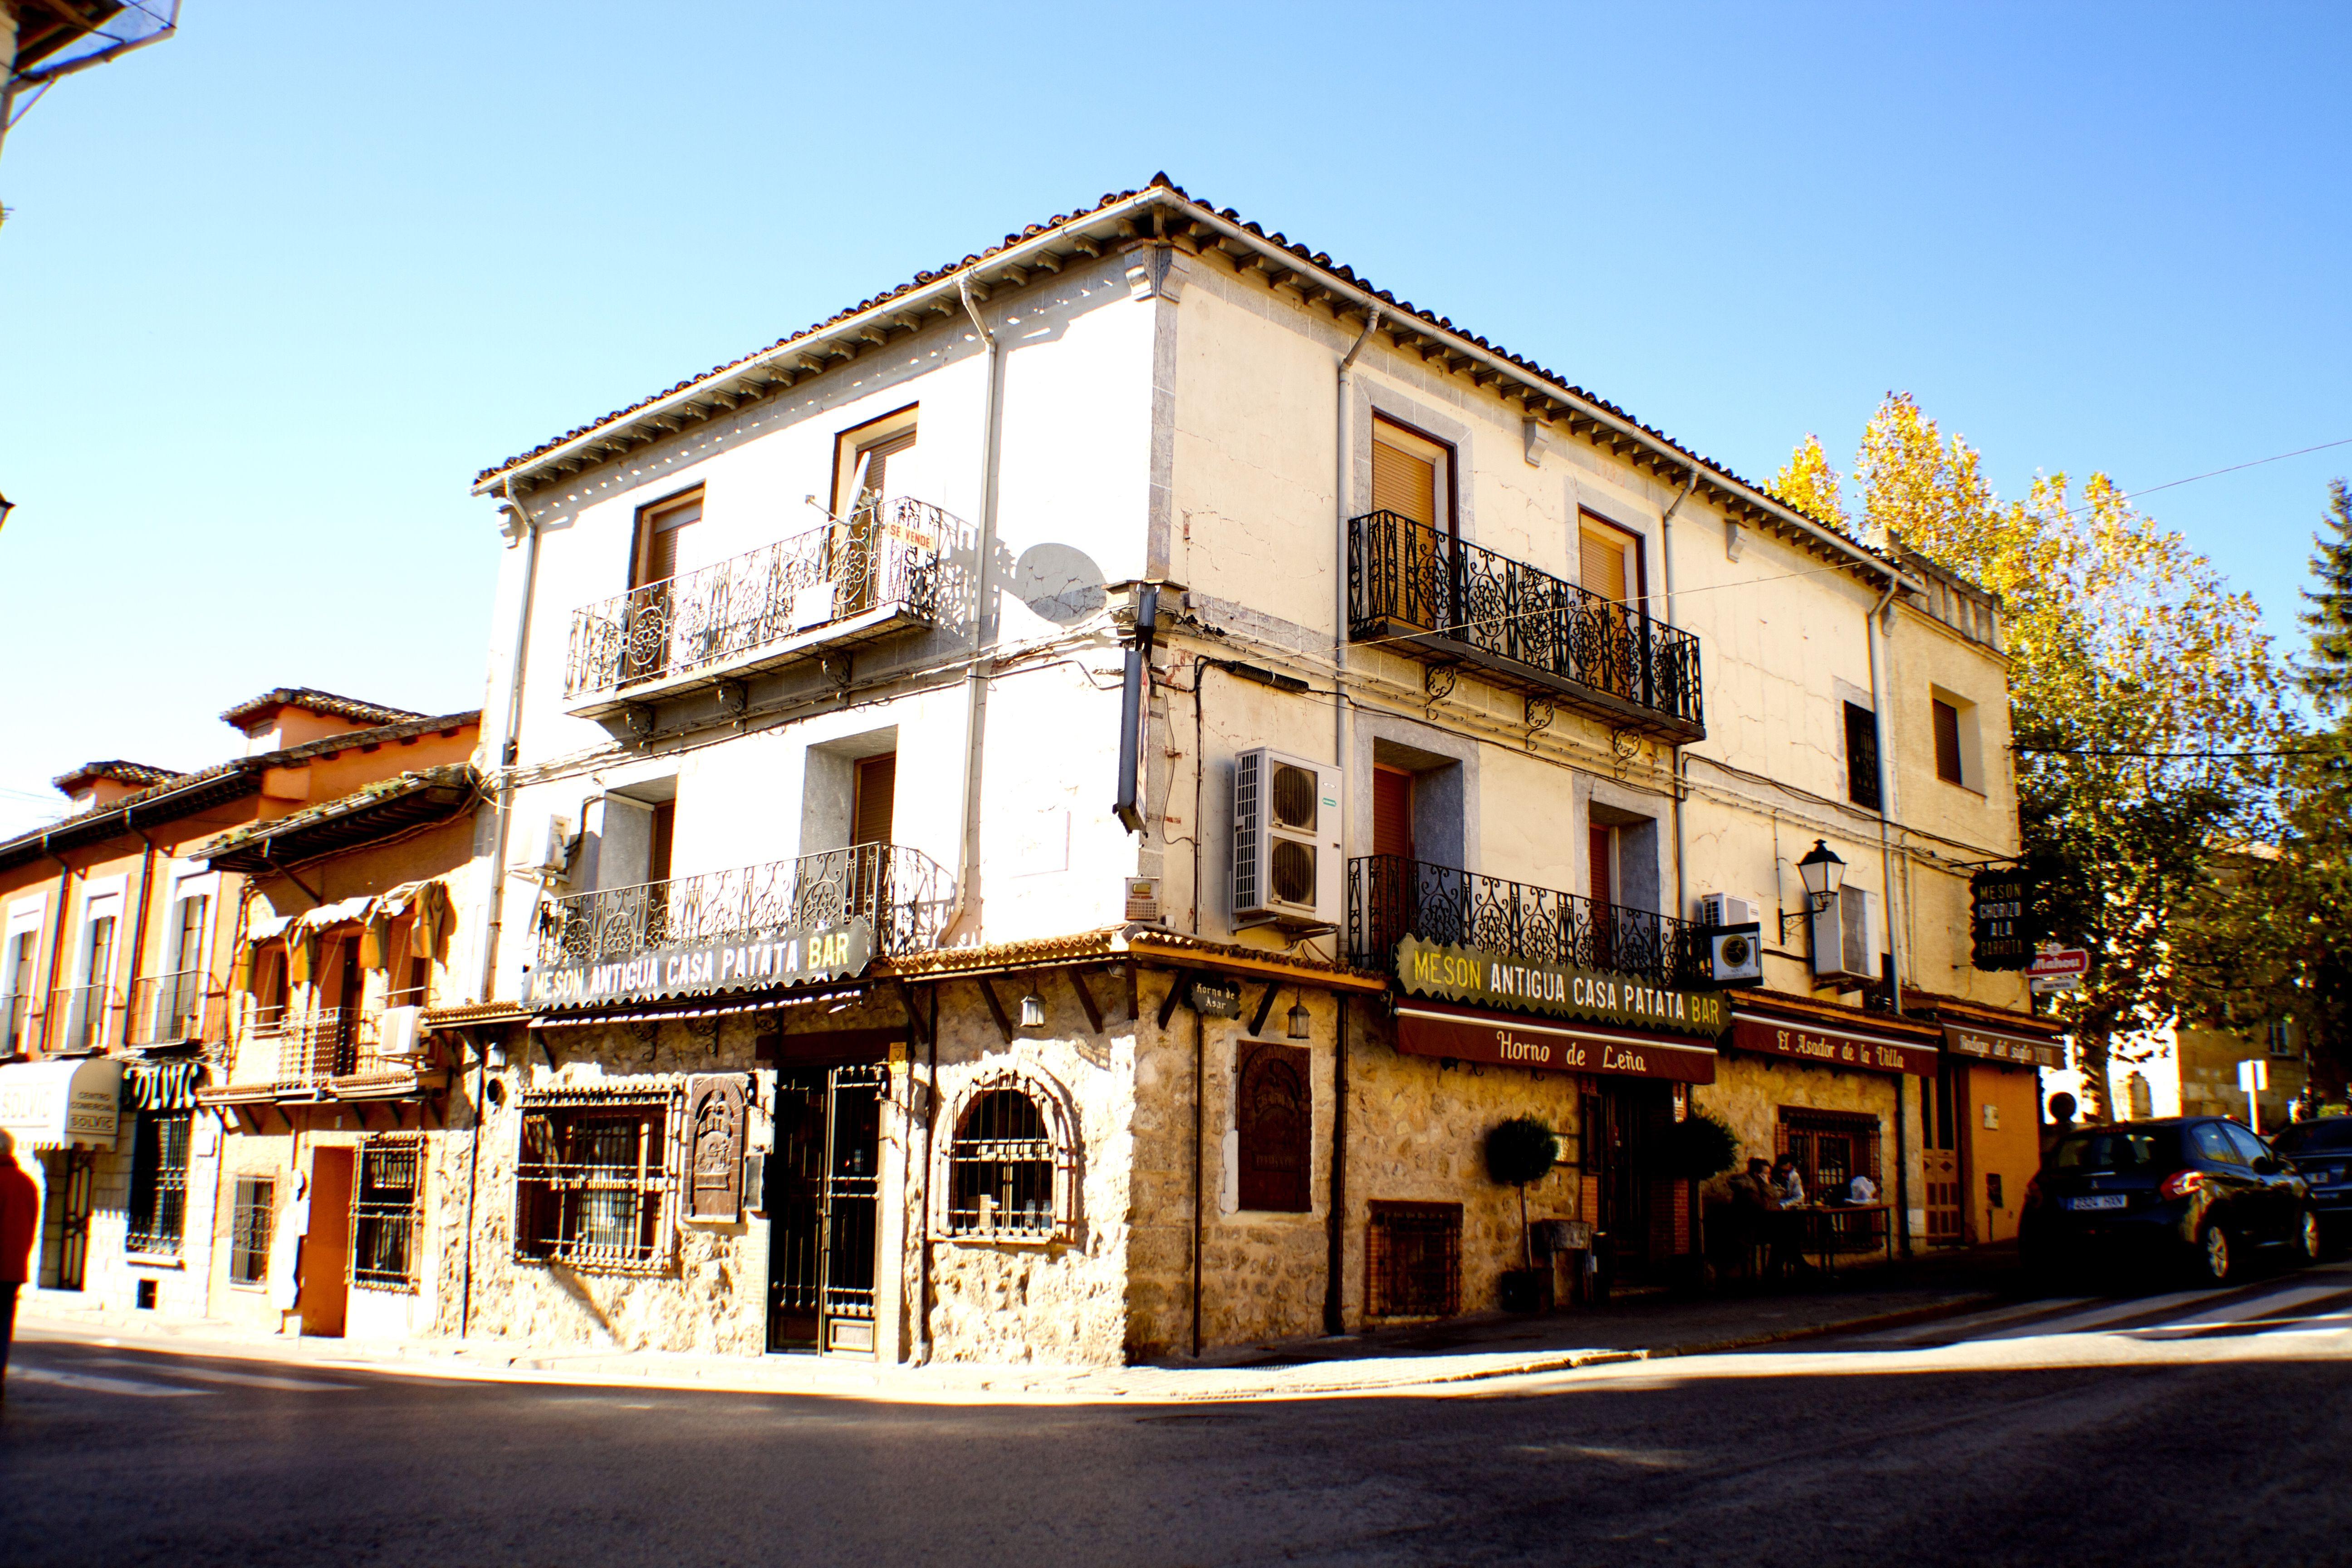 Foto 11 de Restaurante asador en  | Mesón Restaurante Antigua Casa Patata